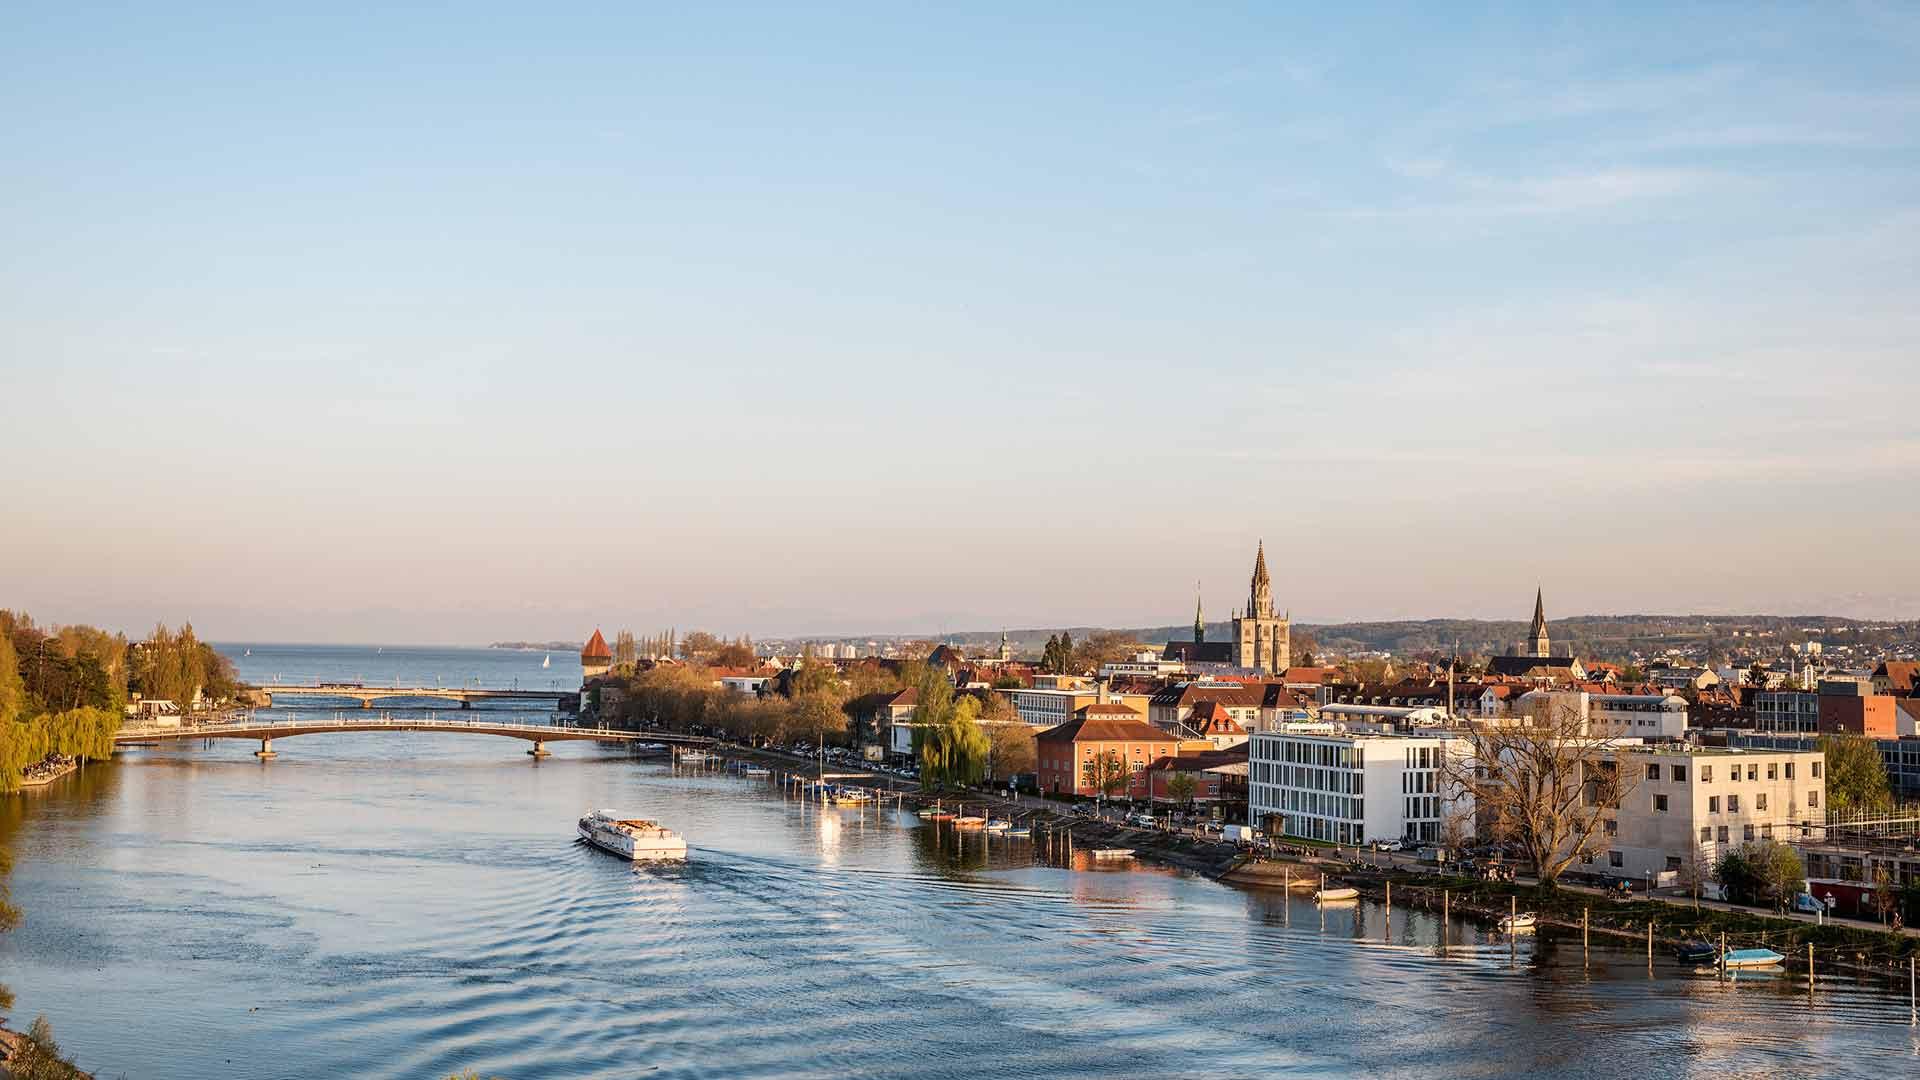 In Konstanz stroomt de Rijn in de Bodensee.